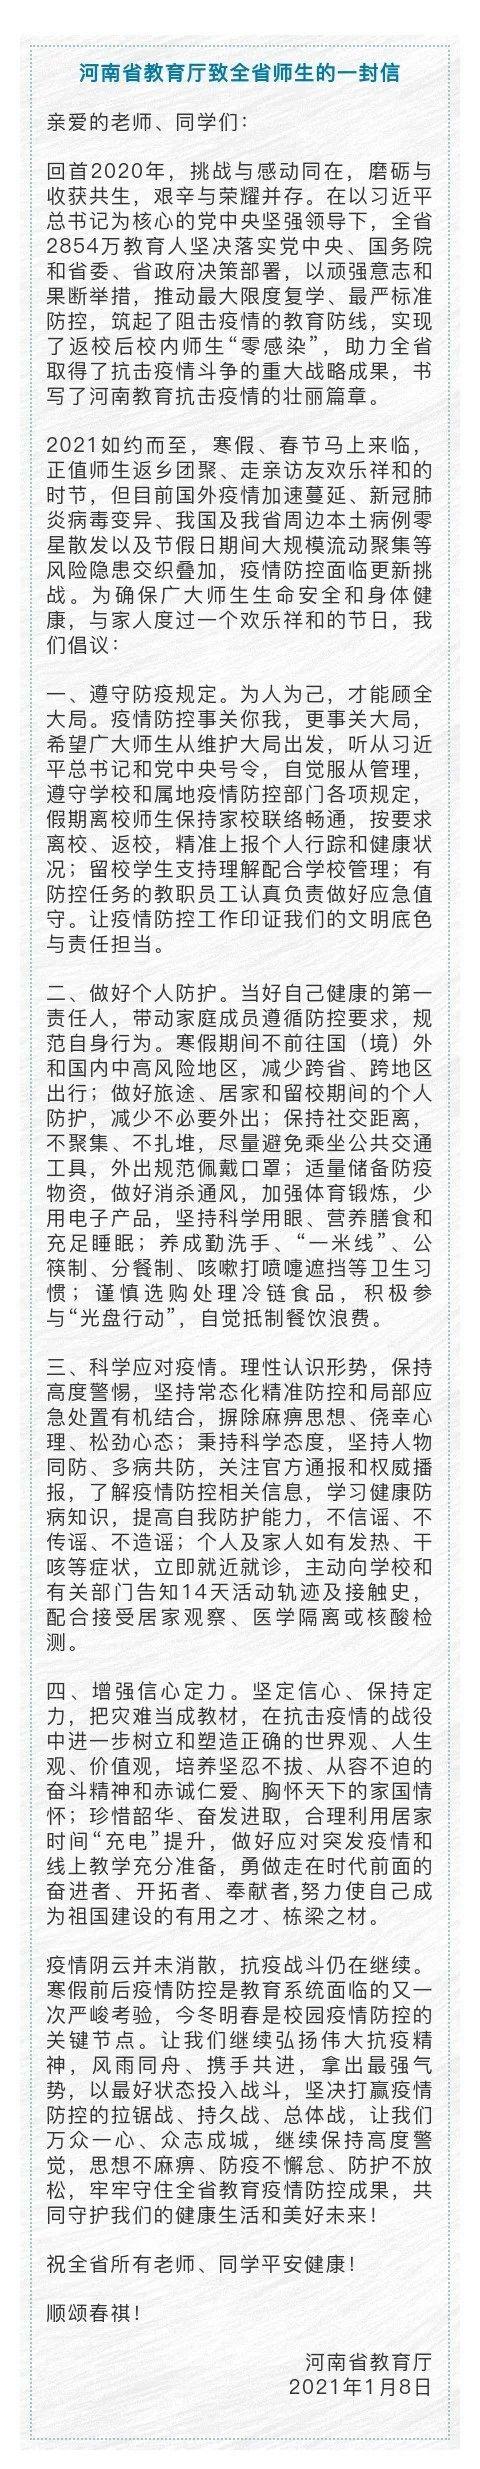 刚刚,河南省教育厅发出一封信!事关所有师生